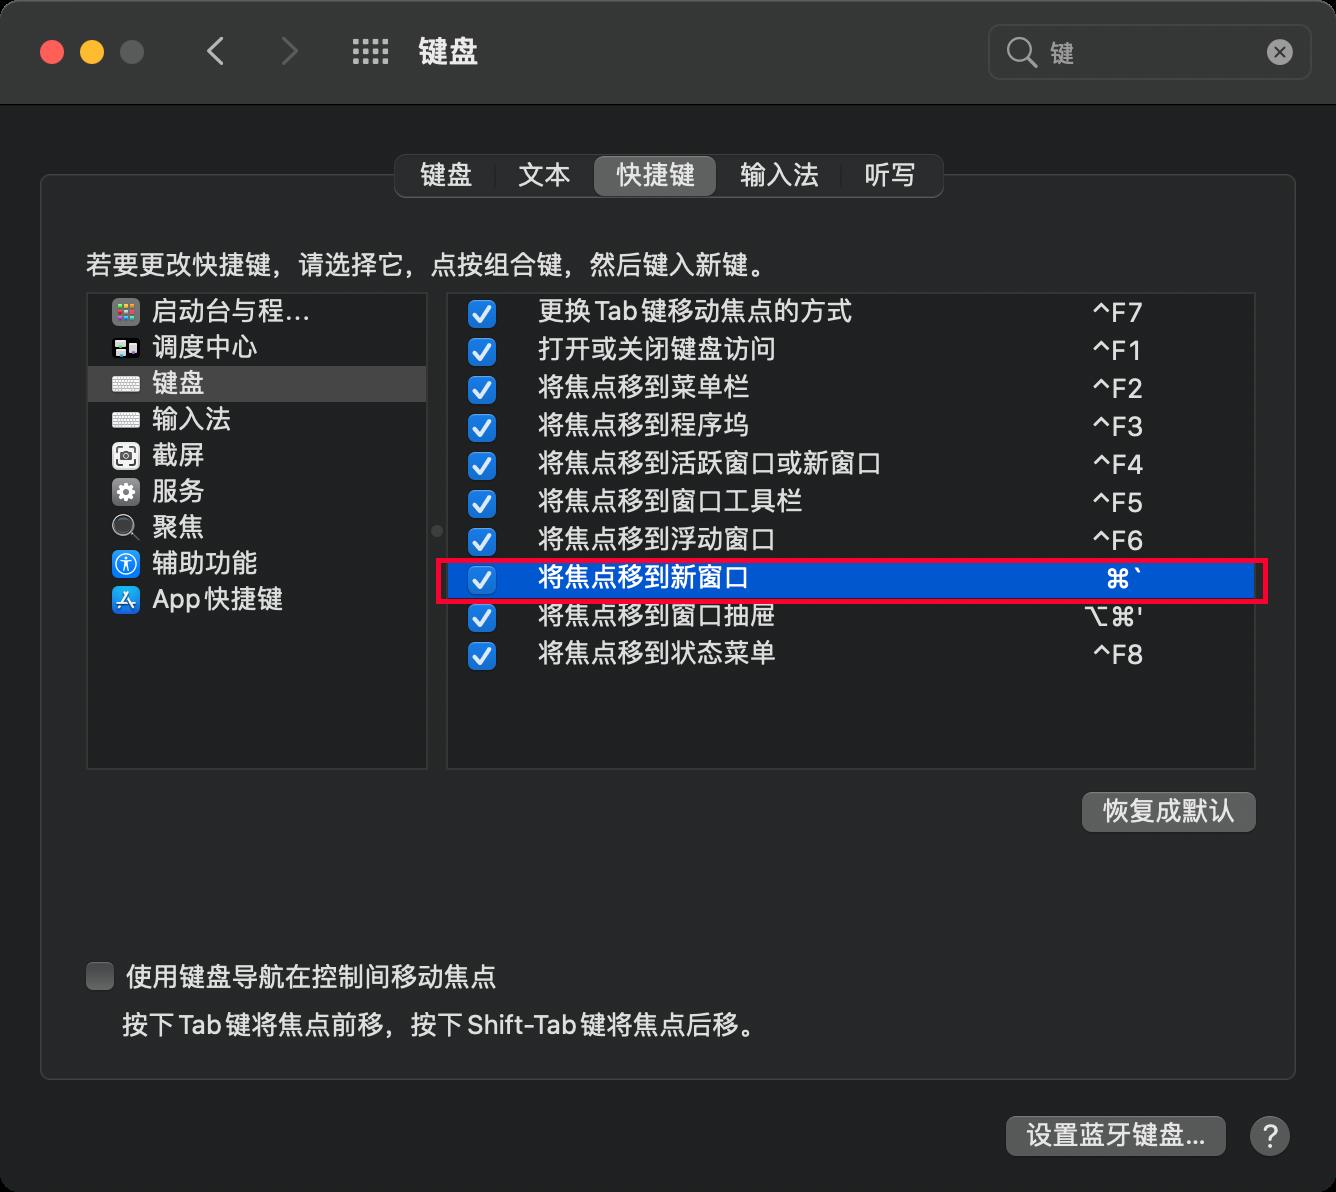 将焦点移到新窗口 command + `.png